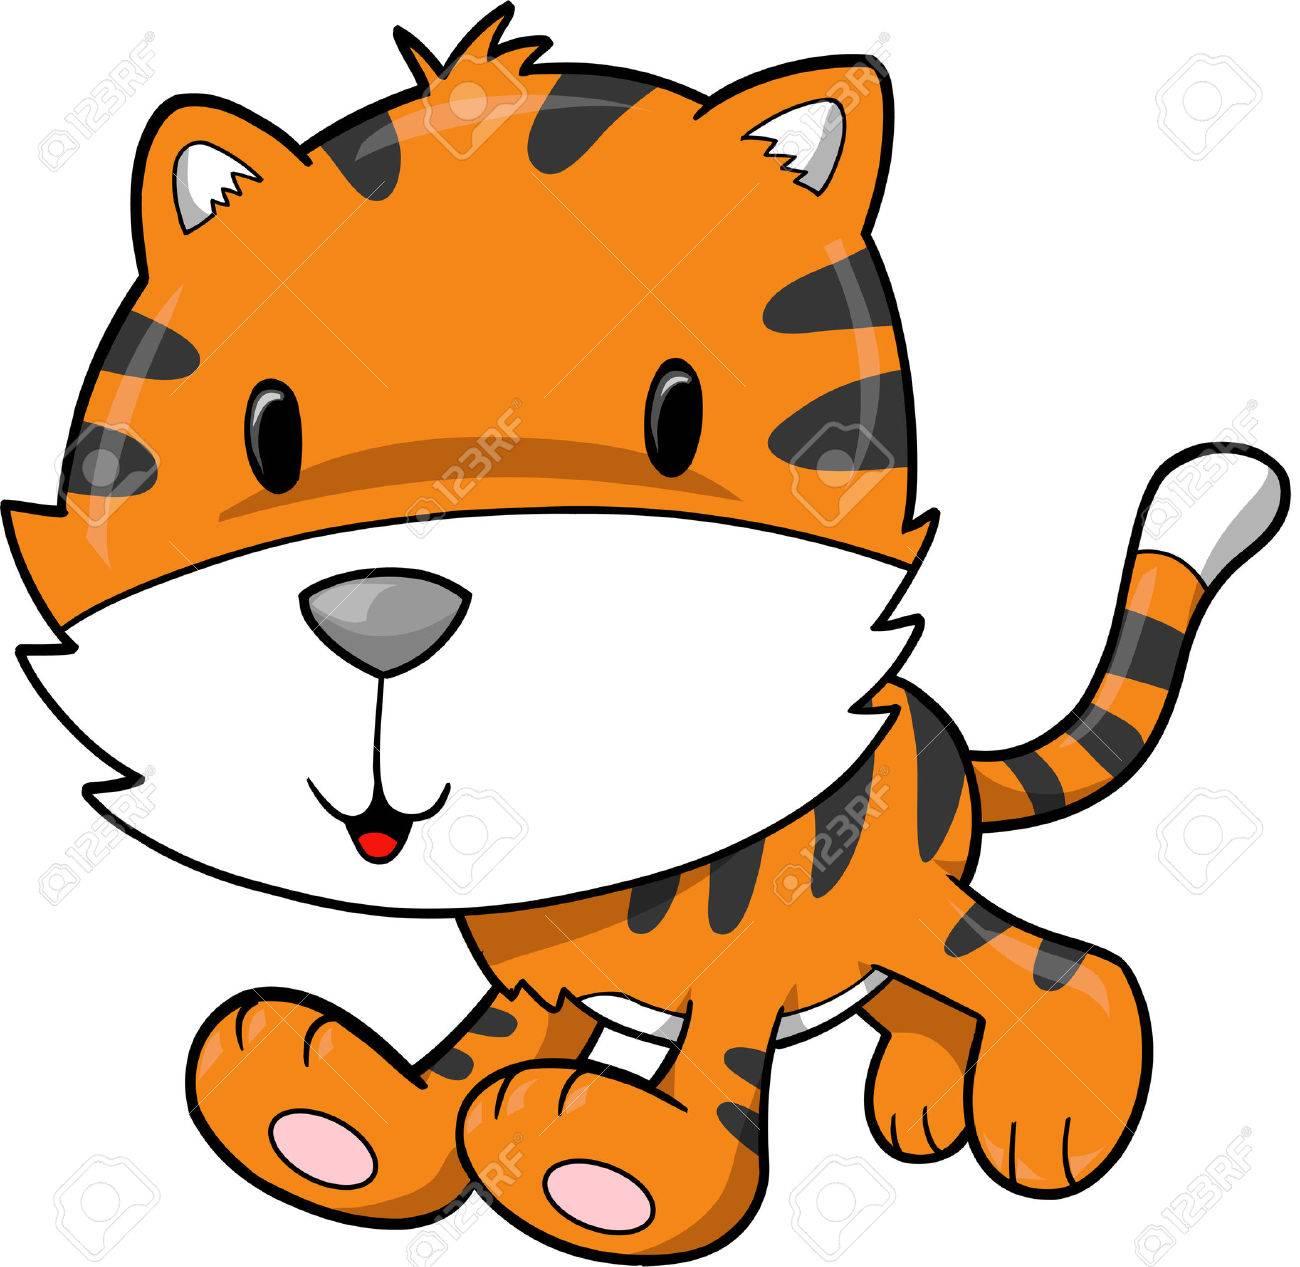 Tiger Vector Illustration Stock Vector - 2046637